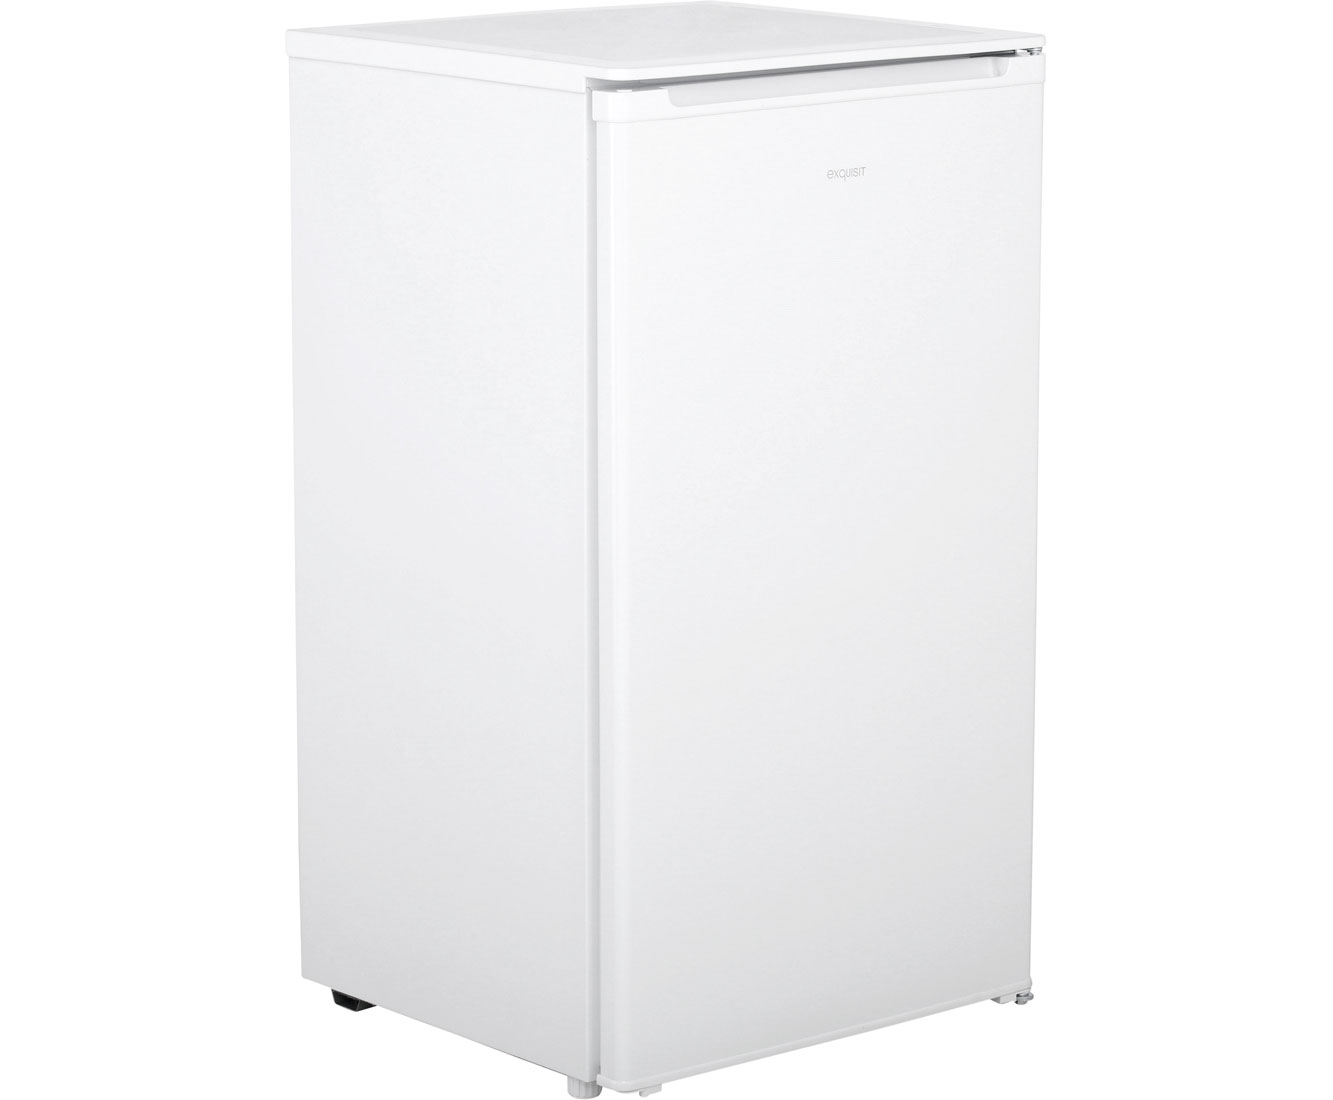 Kühlschrank Ohne Gefrierfach Freistehend : Exquisit ks 92 4 rva top kühlschrank weiß a